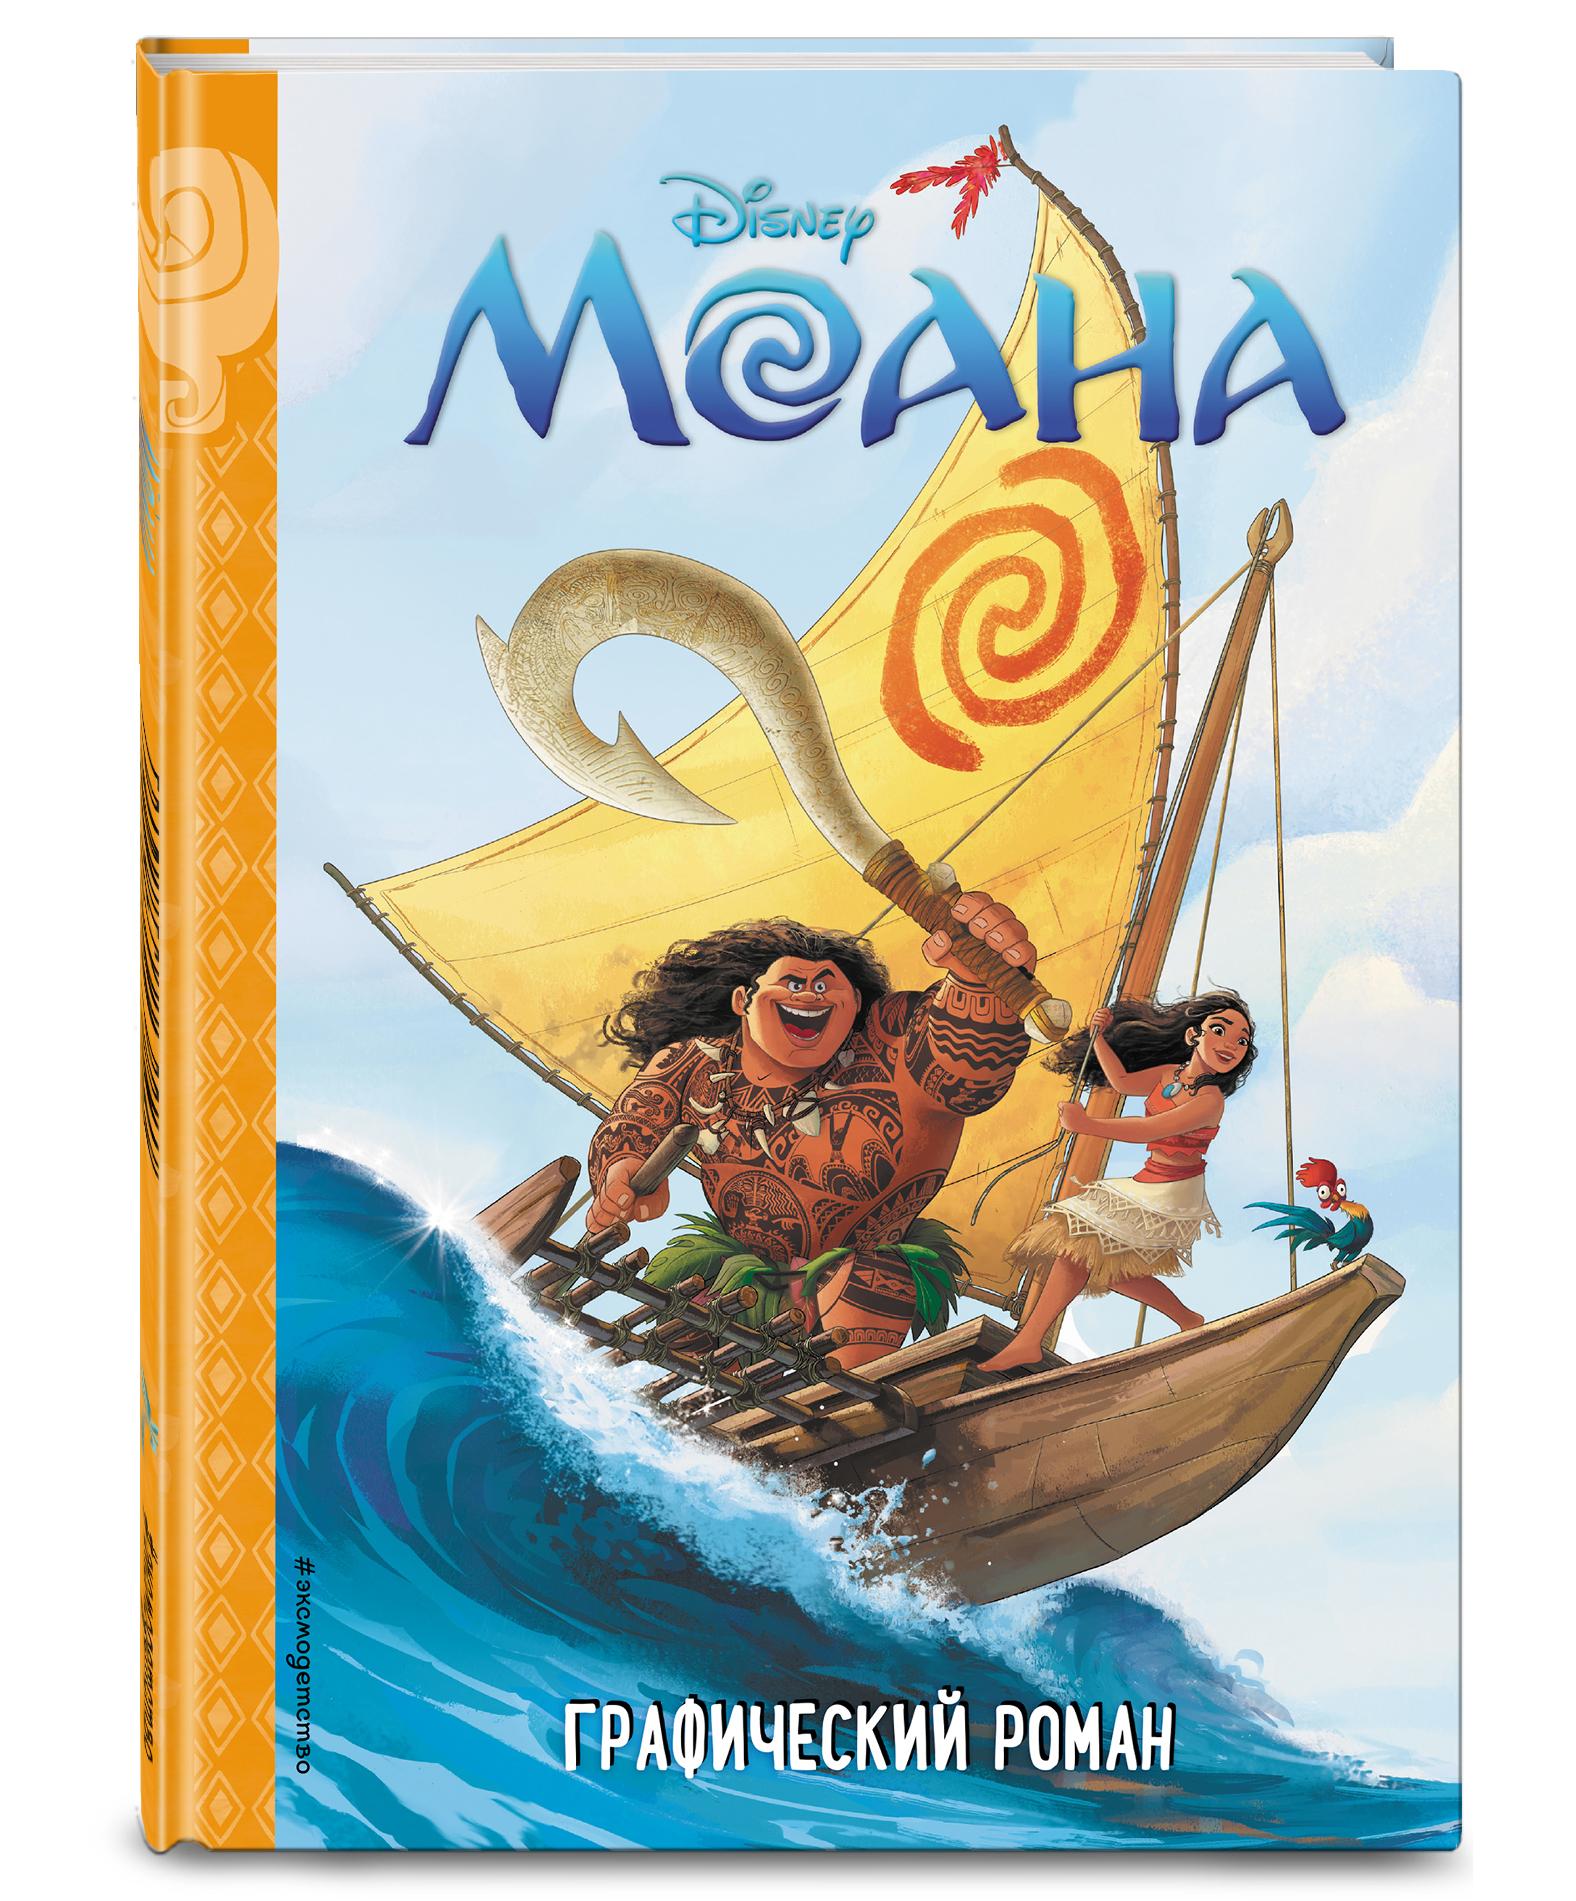 Долгачева О.А. Моана. Детский графический роман цена 2017